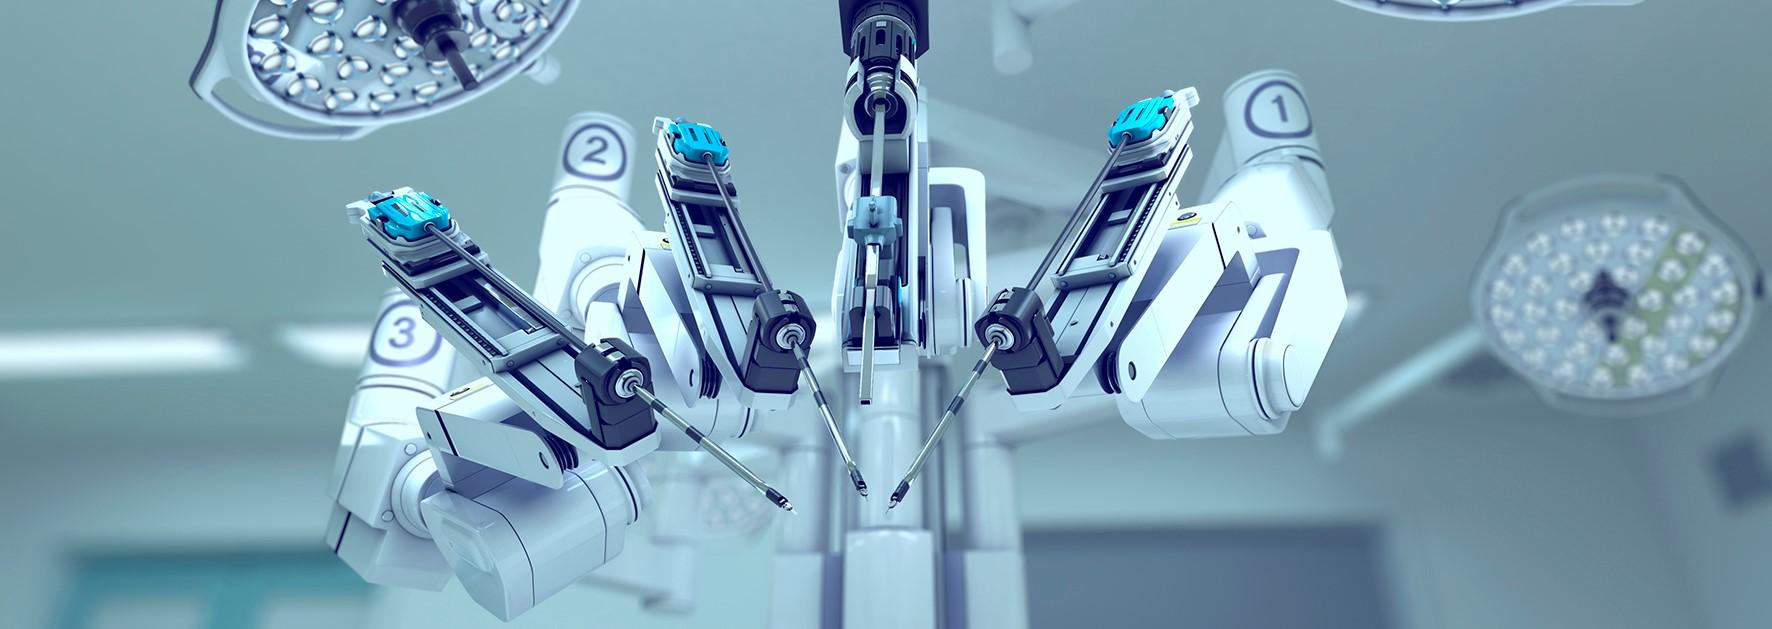 video su rimozione robotizzata della prostata